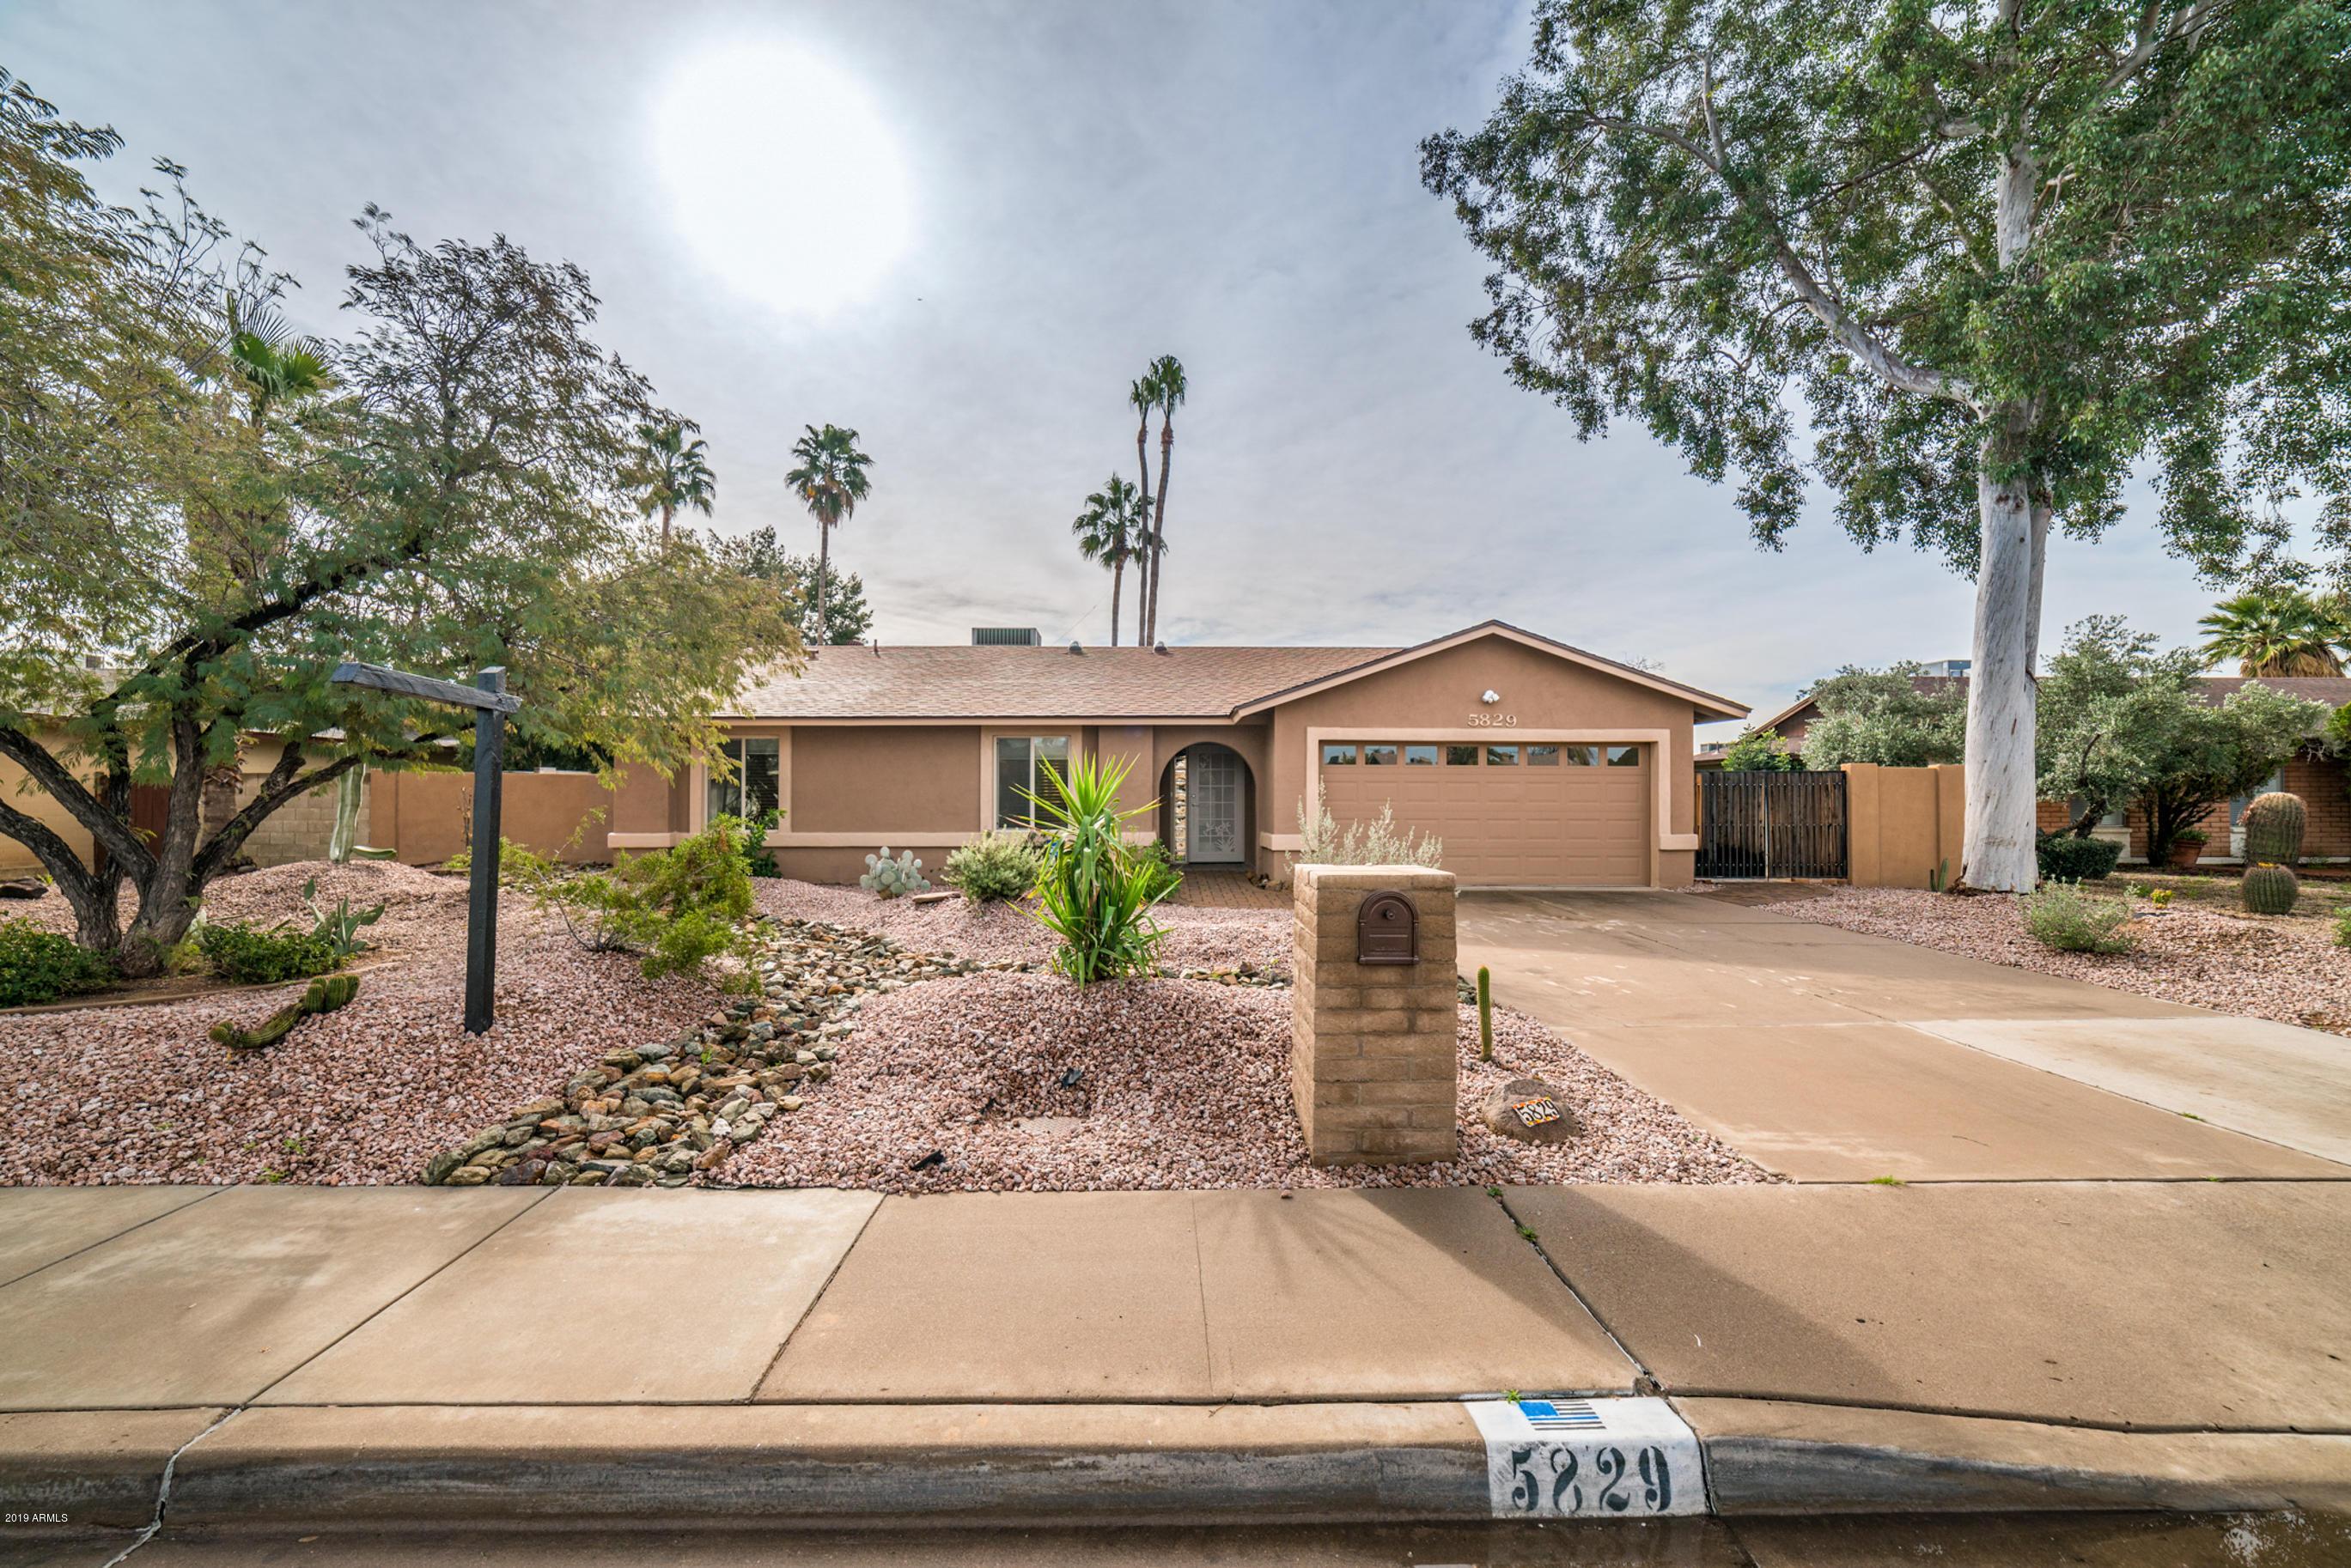 5829 E ACOMA Drive, Scottsdale AZ 85254